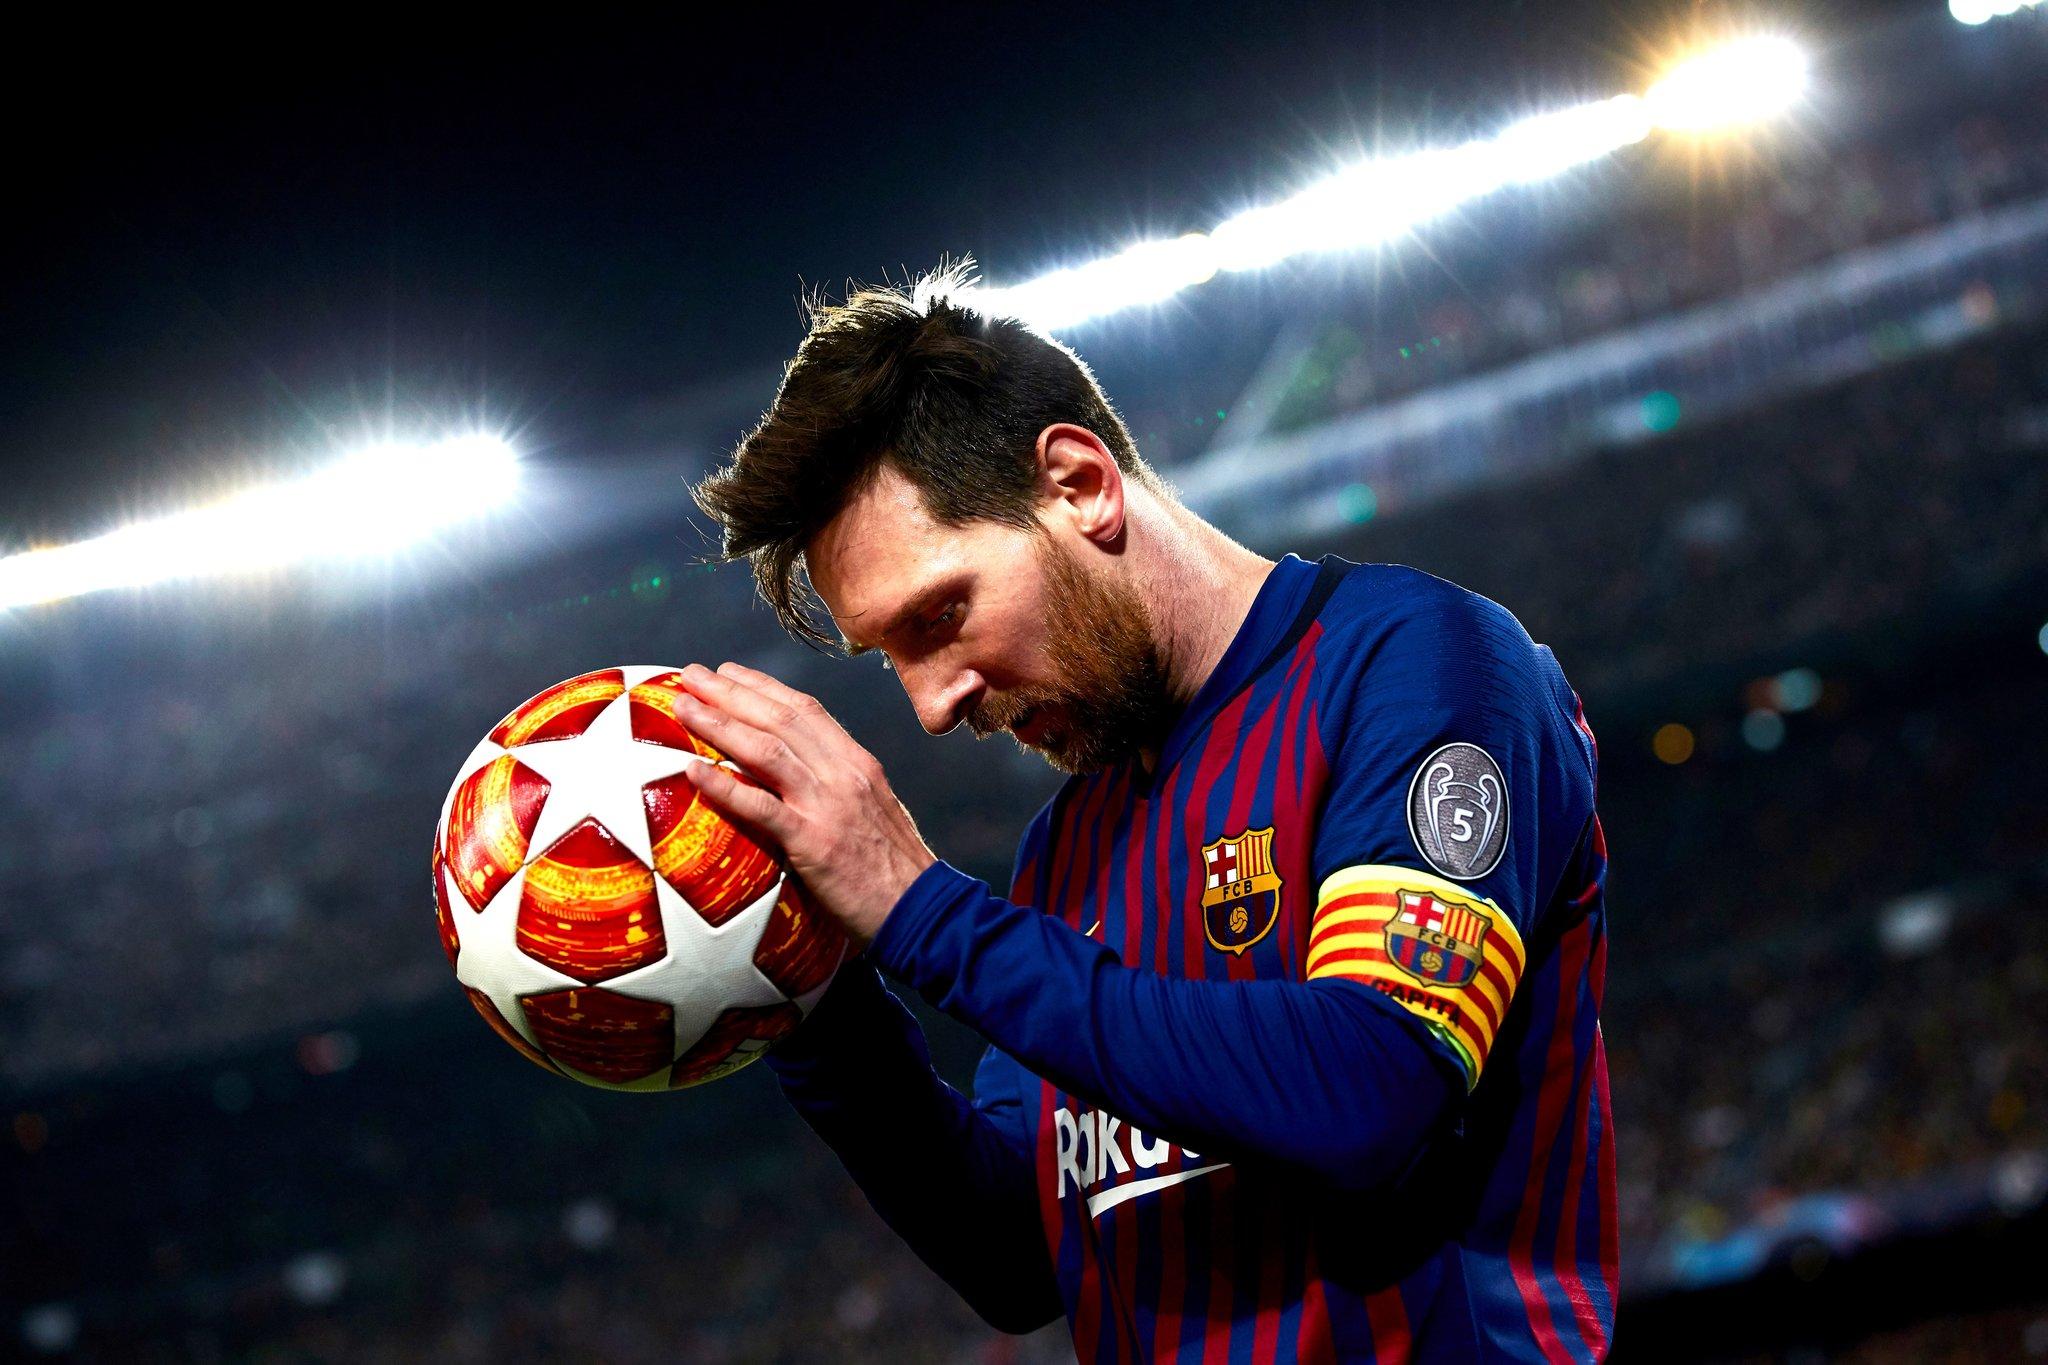 Lionel Messi muốn ra đi, nhưng anh đi kiểu gì? - Ảnh 3.